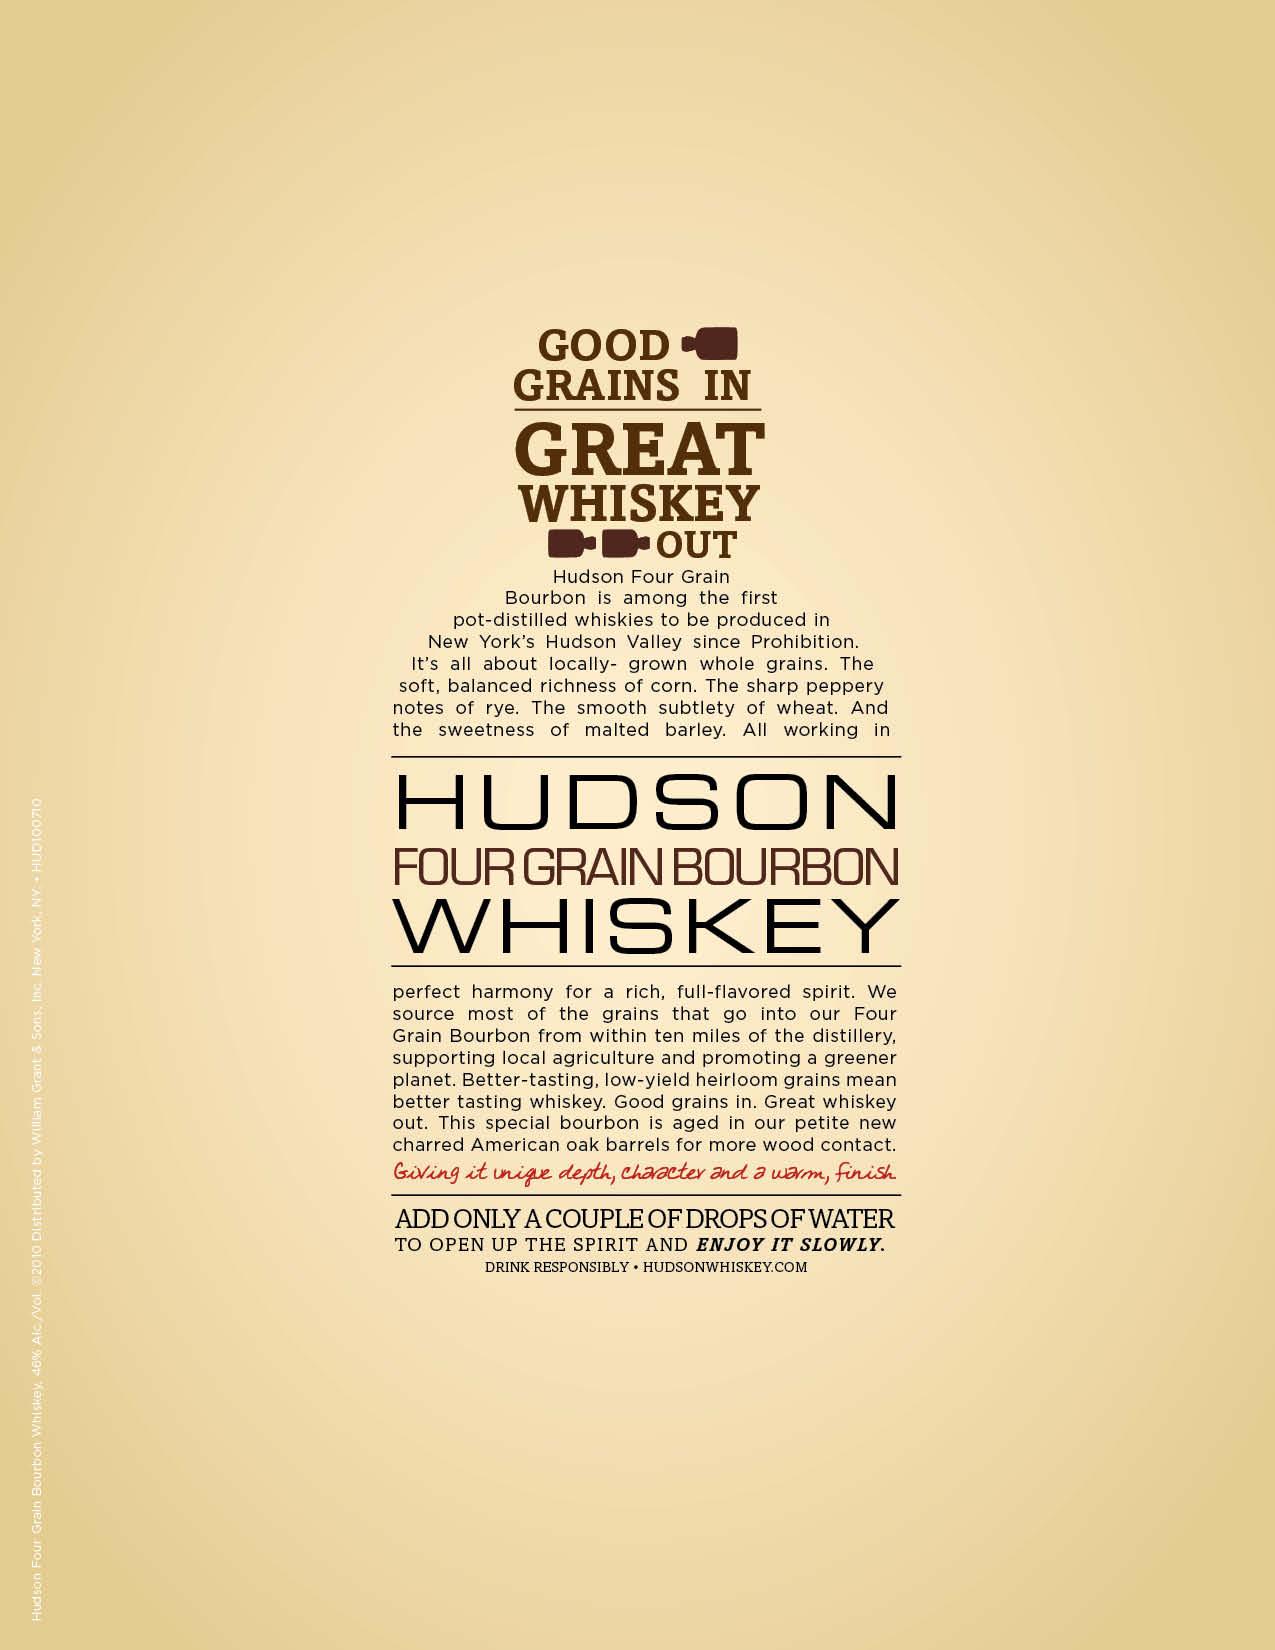 hudson-bottleicon-ads5.jpg